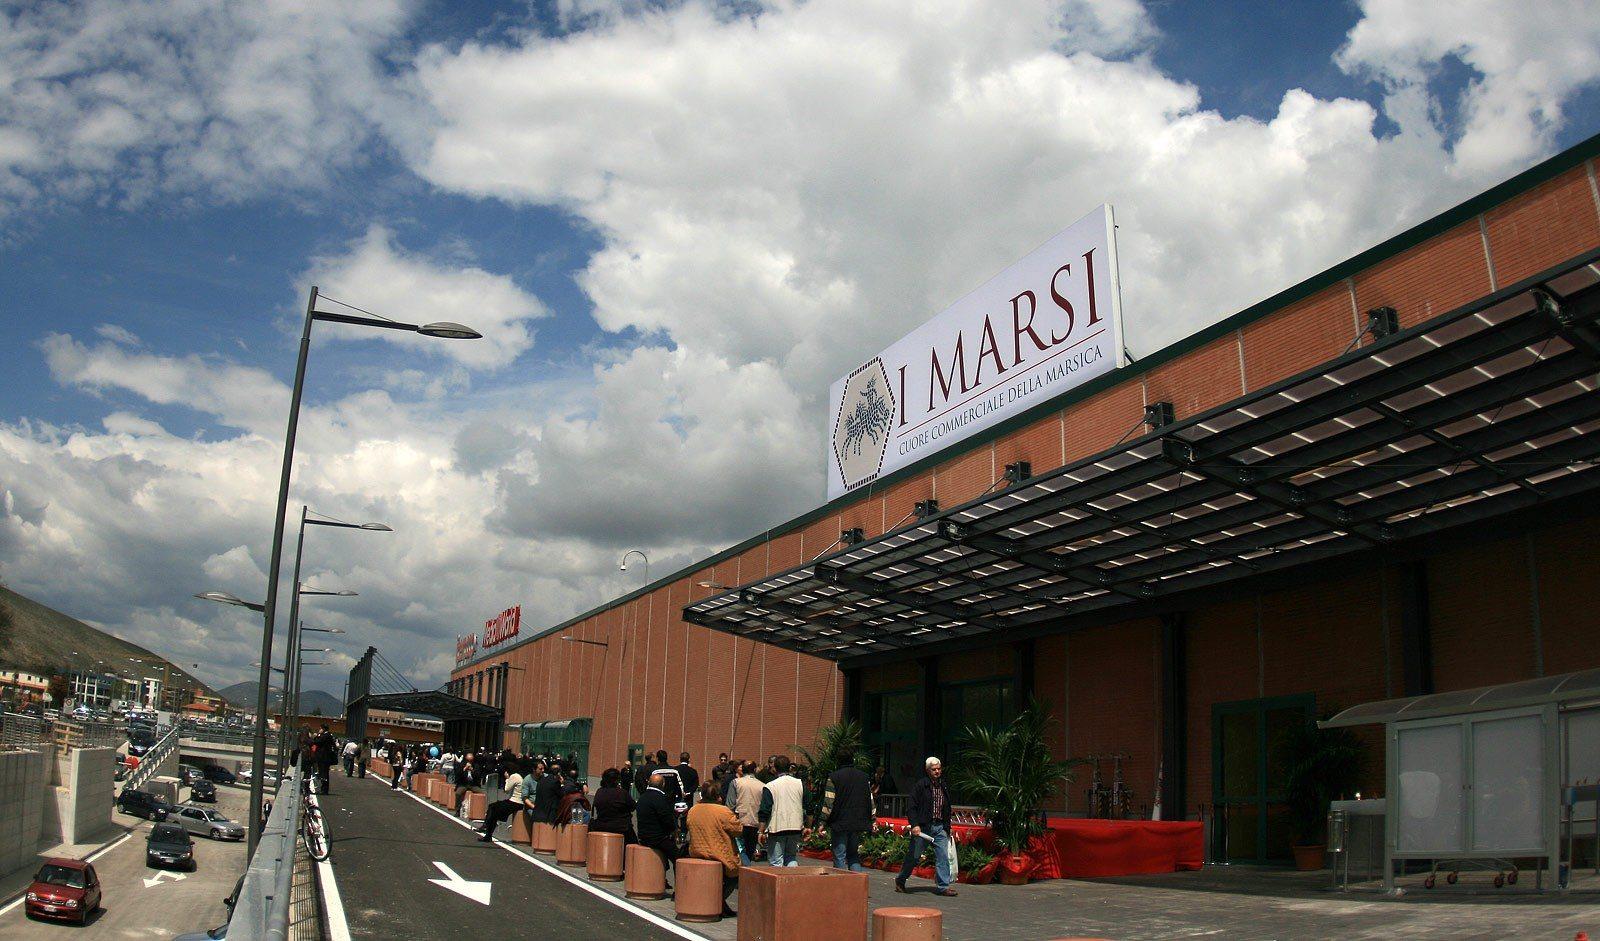 Centro commerciale I marsi Coop avezzano